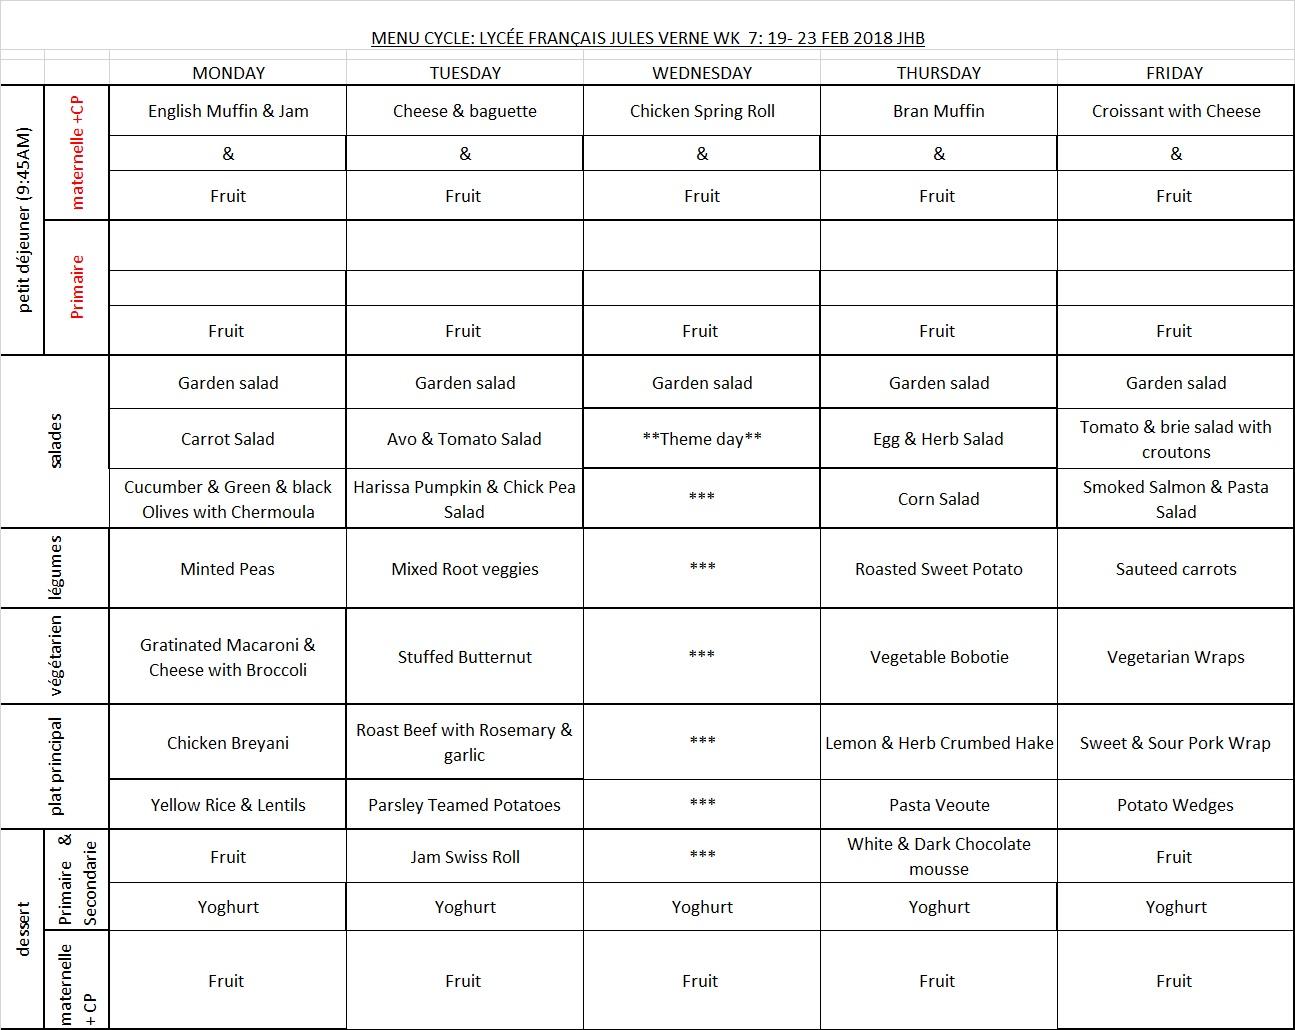 MENU WEEK 7 19-23 FEB